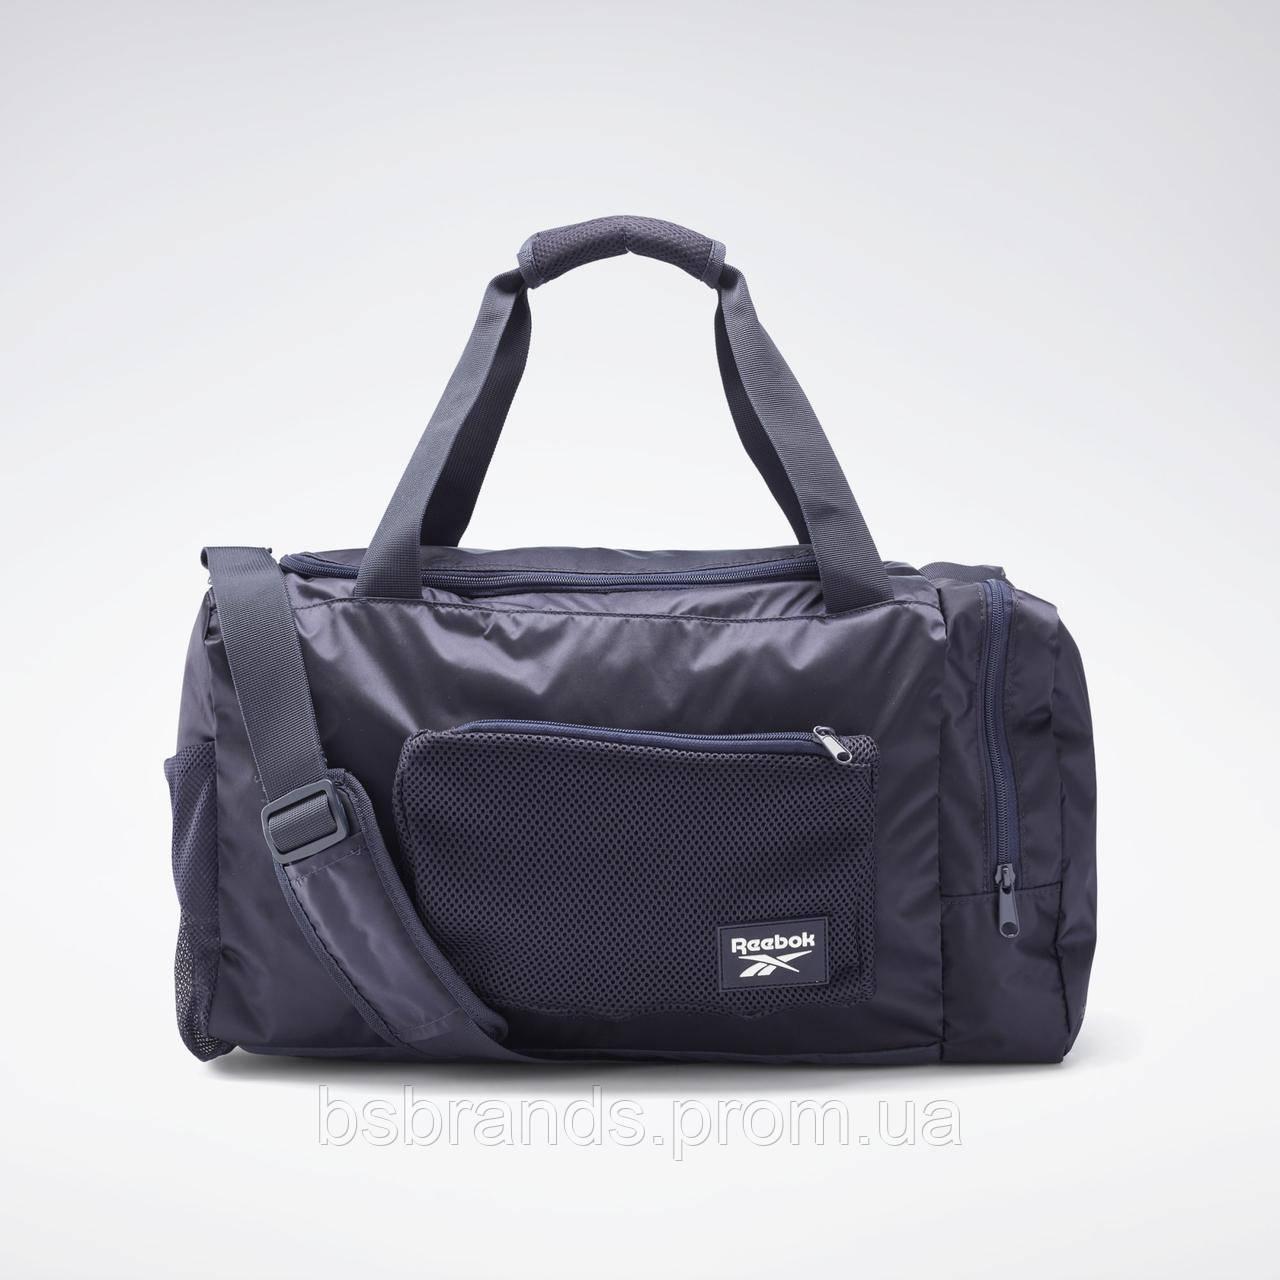 Спортивная сумка Reebok Tech Style Grip FS7170 (2020/1)